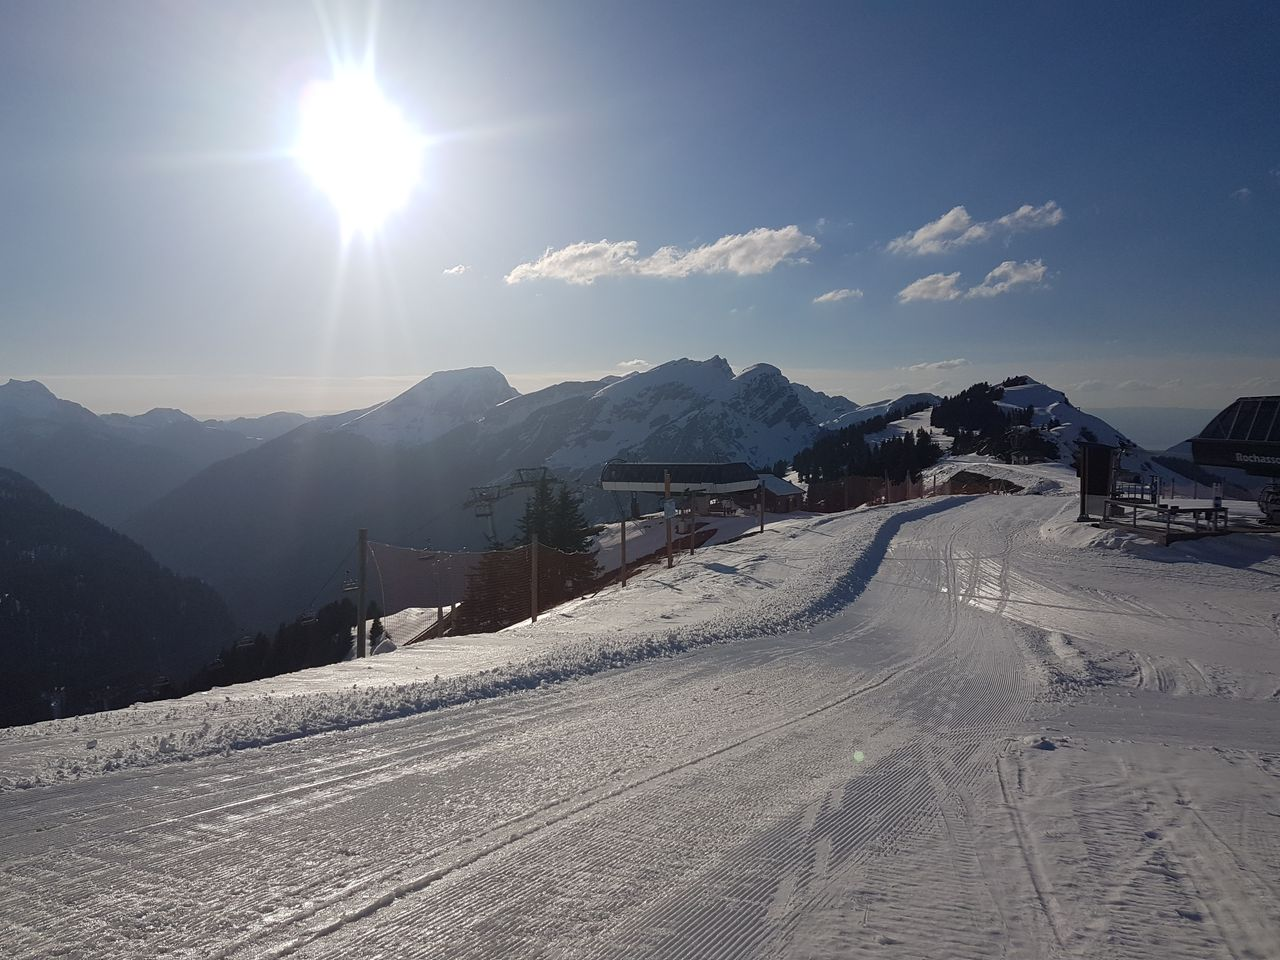 Domaine skiable de Châtel